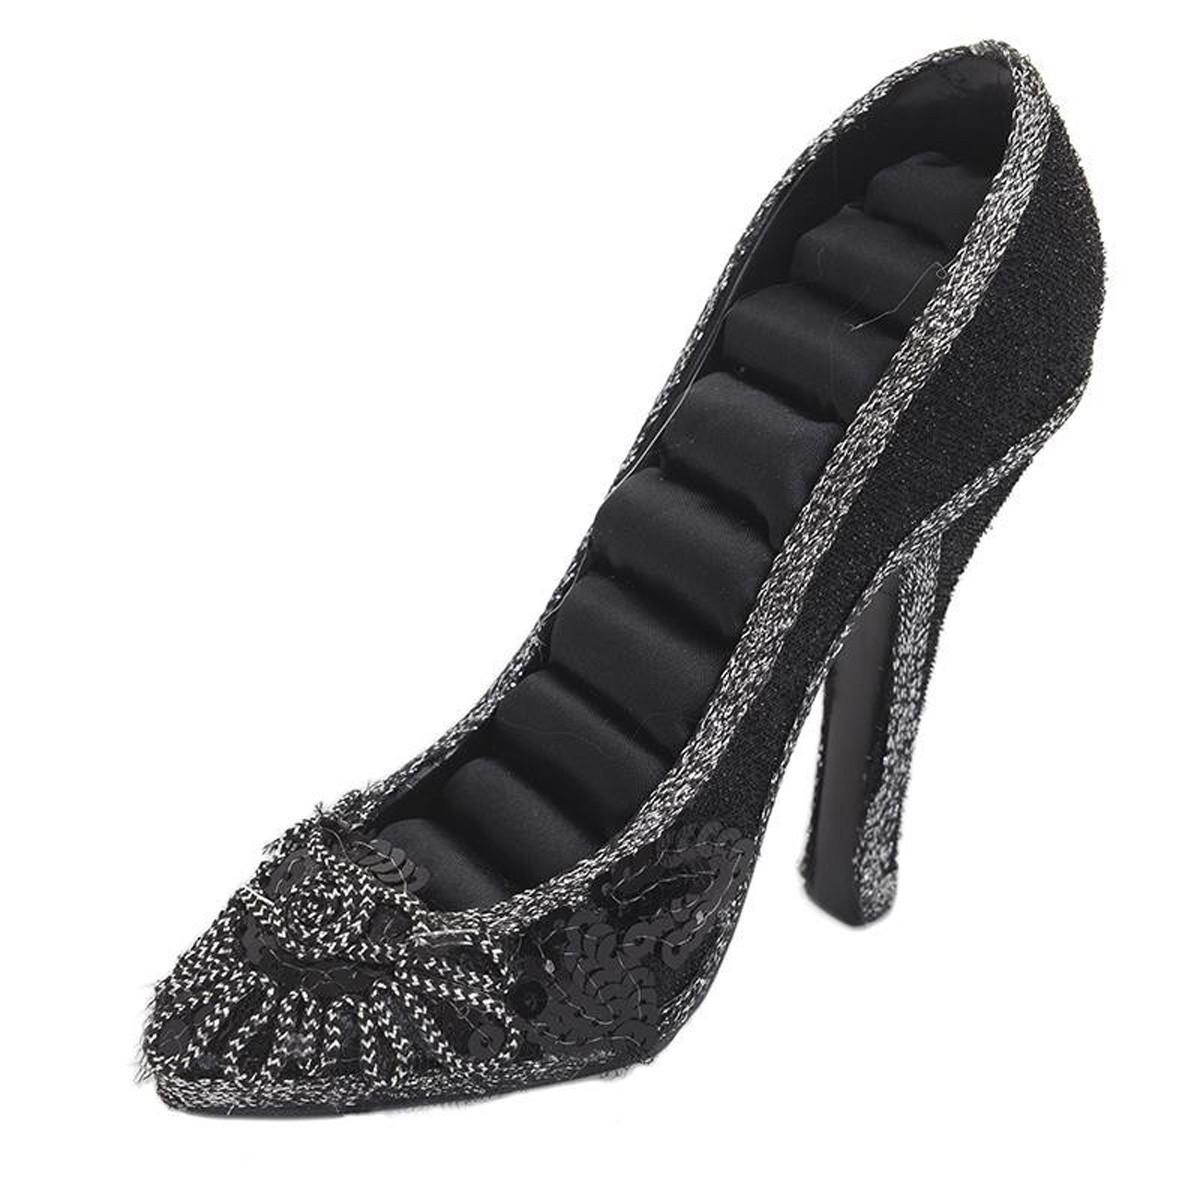 Θήκη Δαχτυλιδιών InArt Gia Shoe 3-70-228-0272